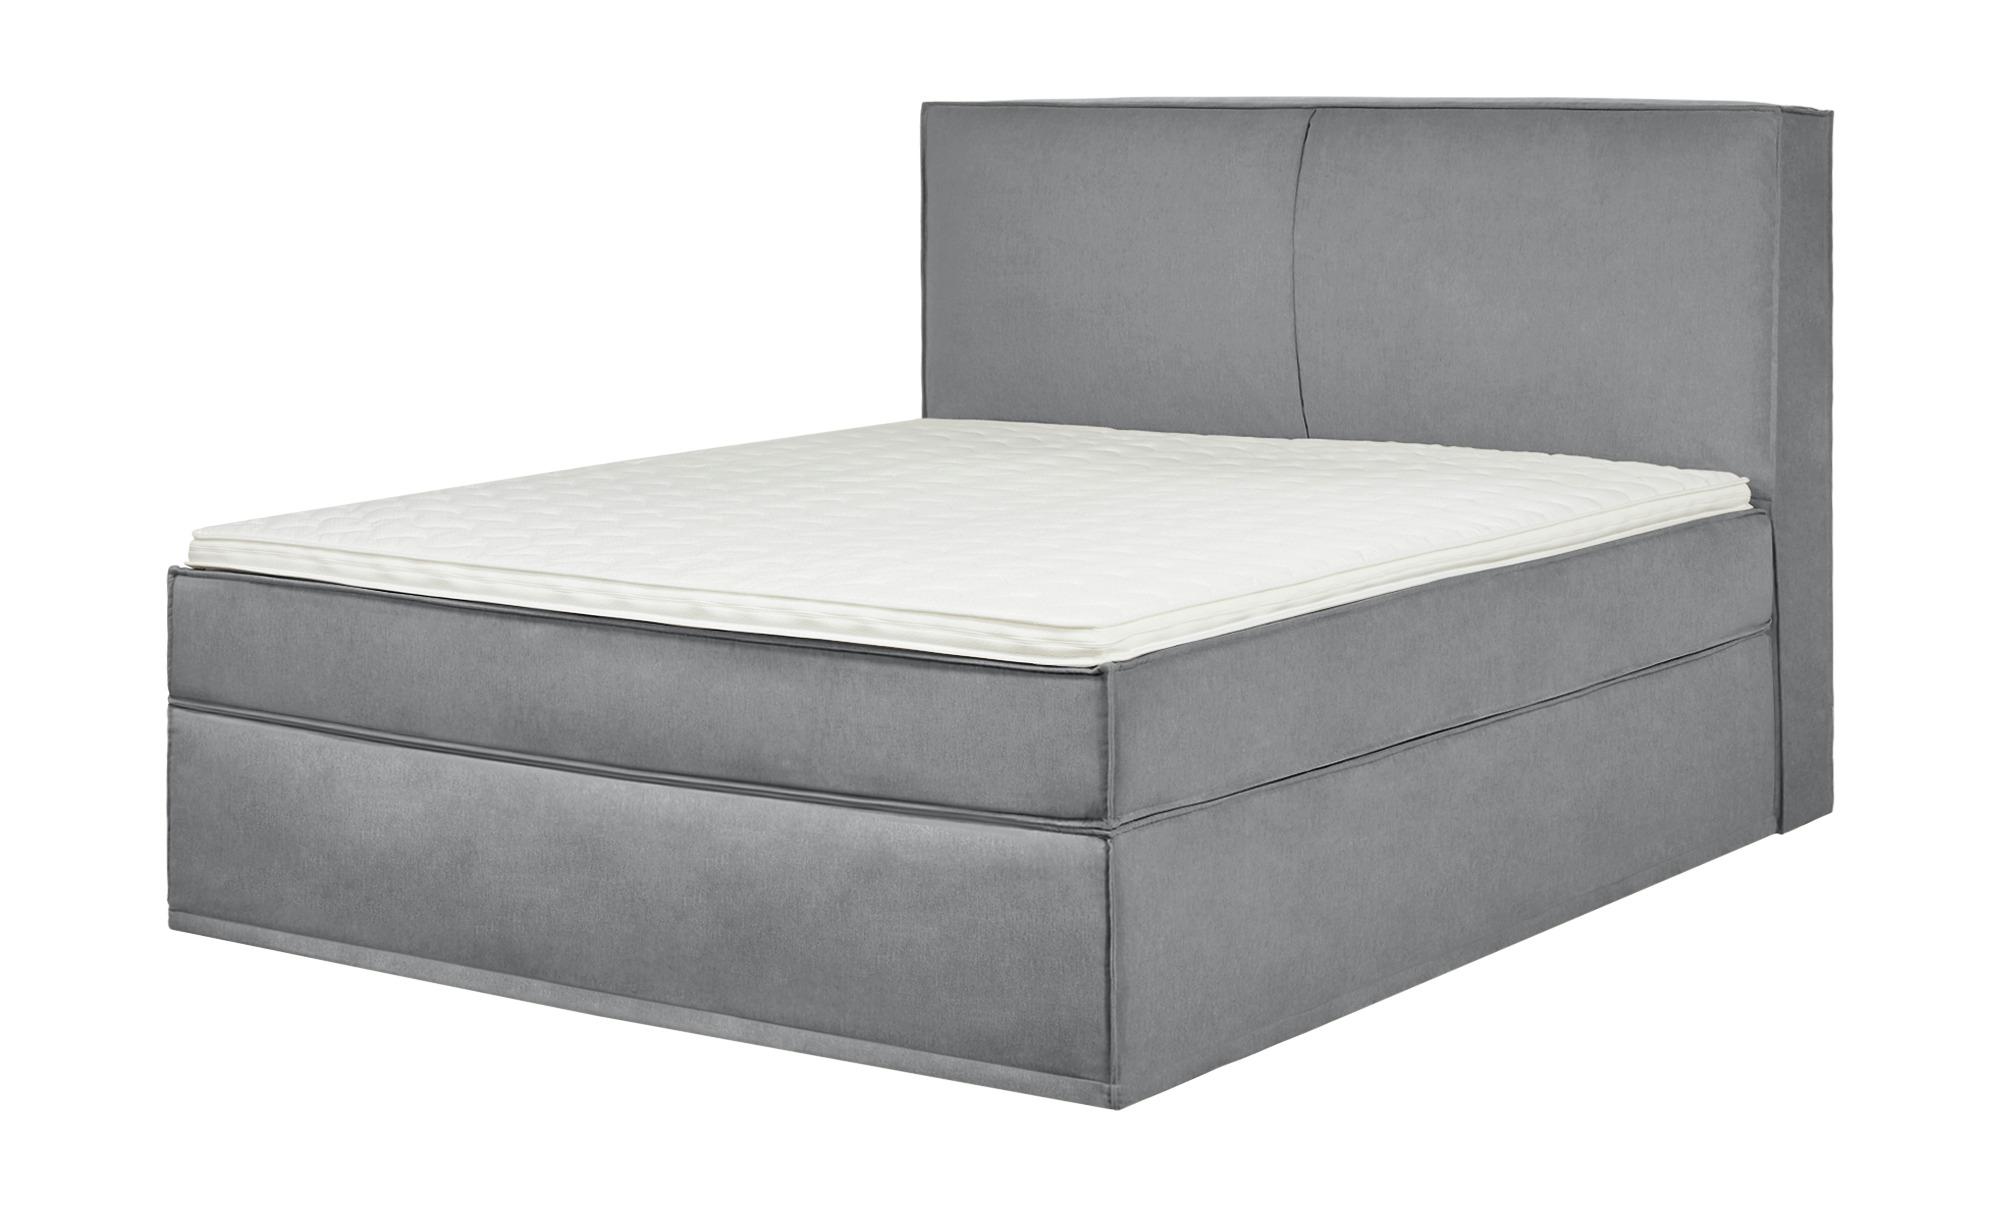 Betten günstig kaufen » verschiedene Bett Designs l Höffner